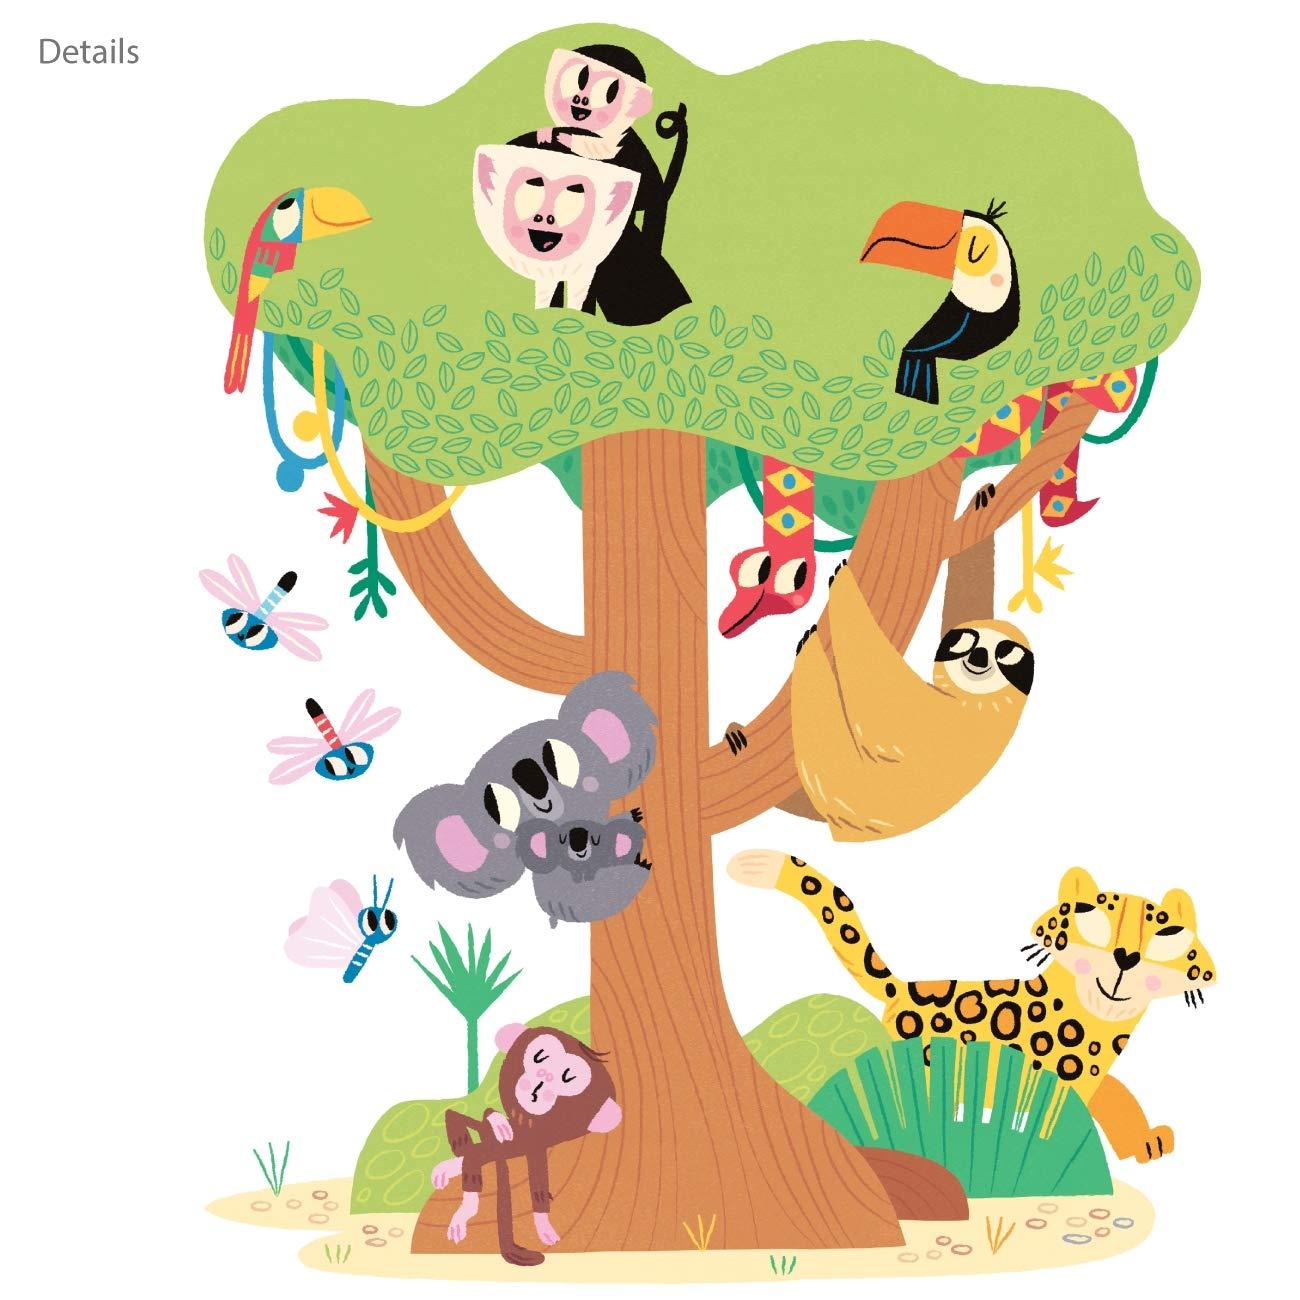 DECOWALL DW-1909 Feliz Selva Animales Vinilo Pegatinas Decorativas Adhesiva Pared Dormitorio Sal/ón Guarder/ía Habitaci/ón Infantiles Ni/ños Beb/és